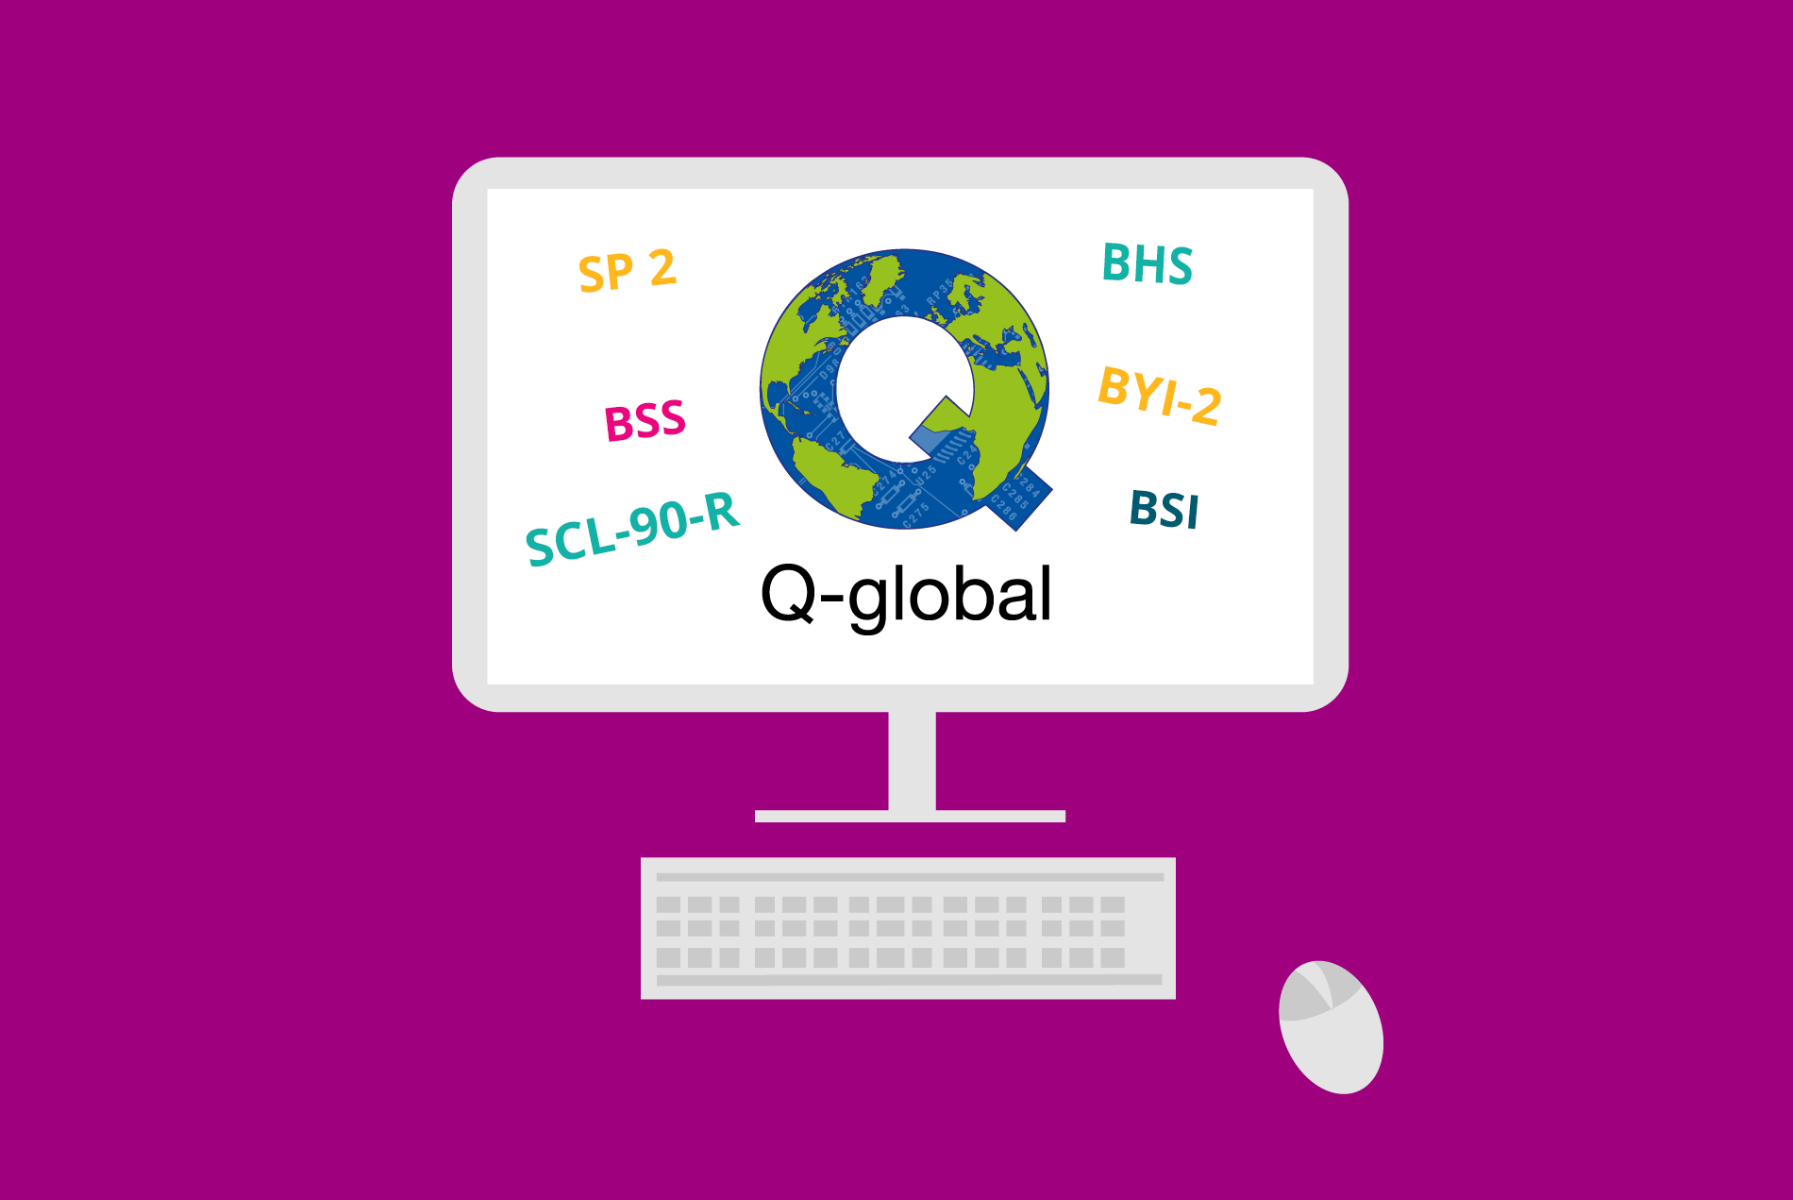 Testen auf Q-global